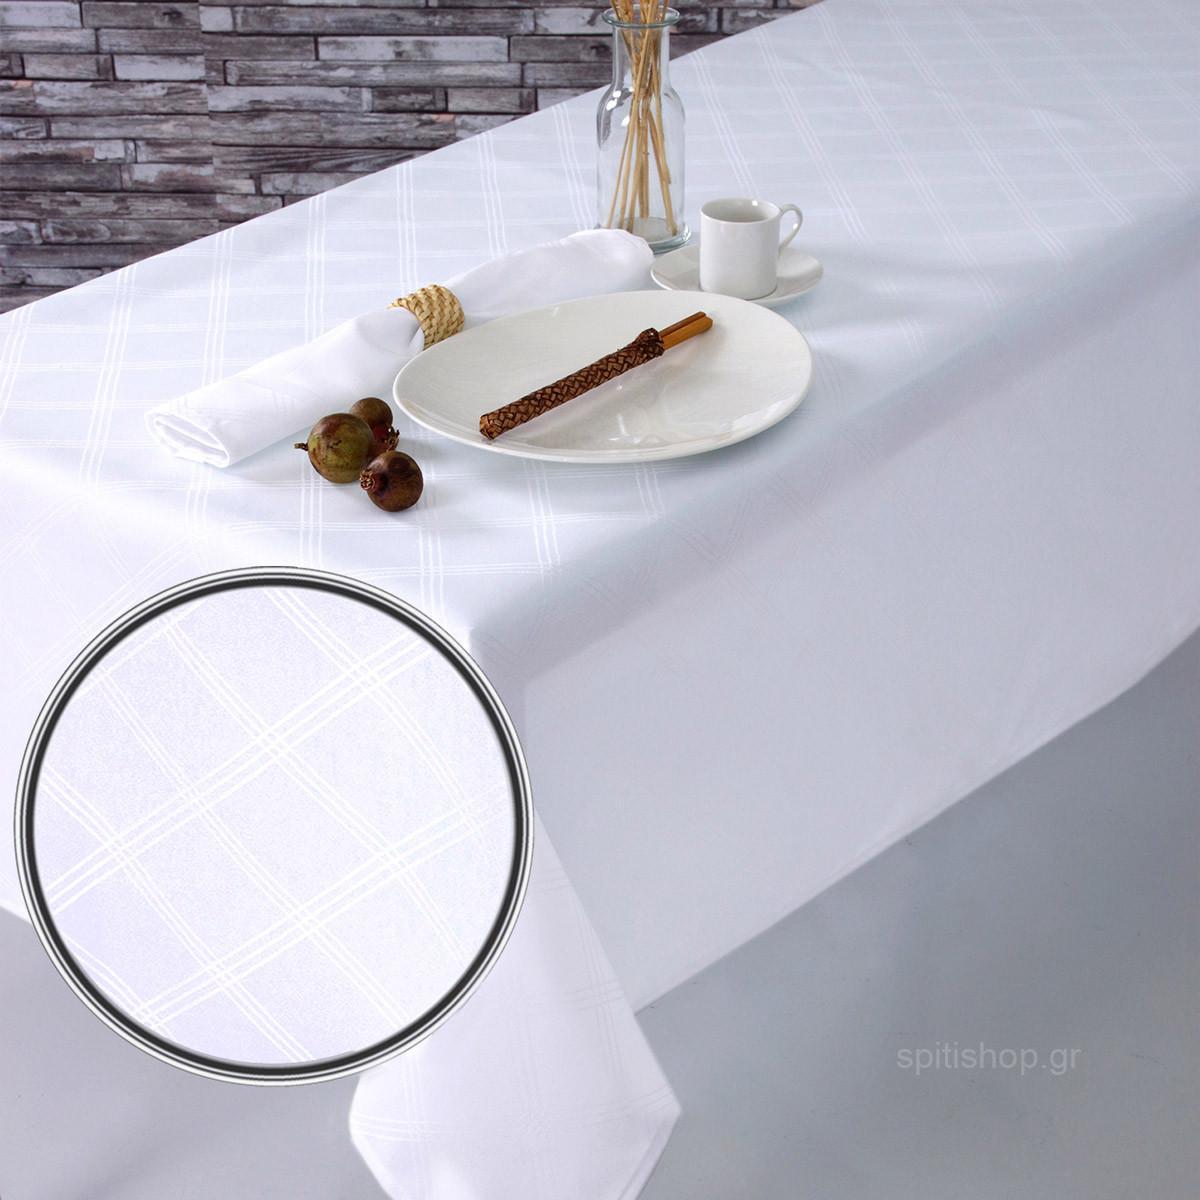 Πετσέτες Φαγητού (Σετ 2τμχ) Sb Home Dine White